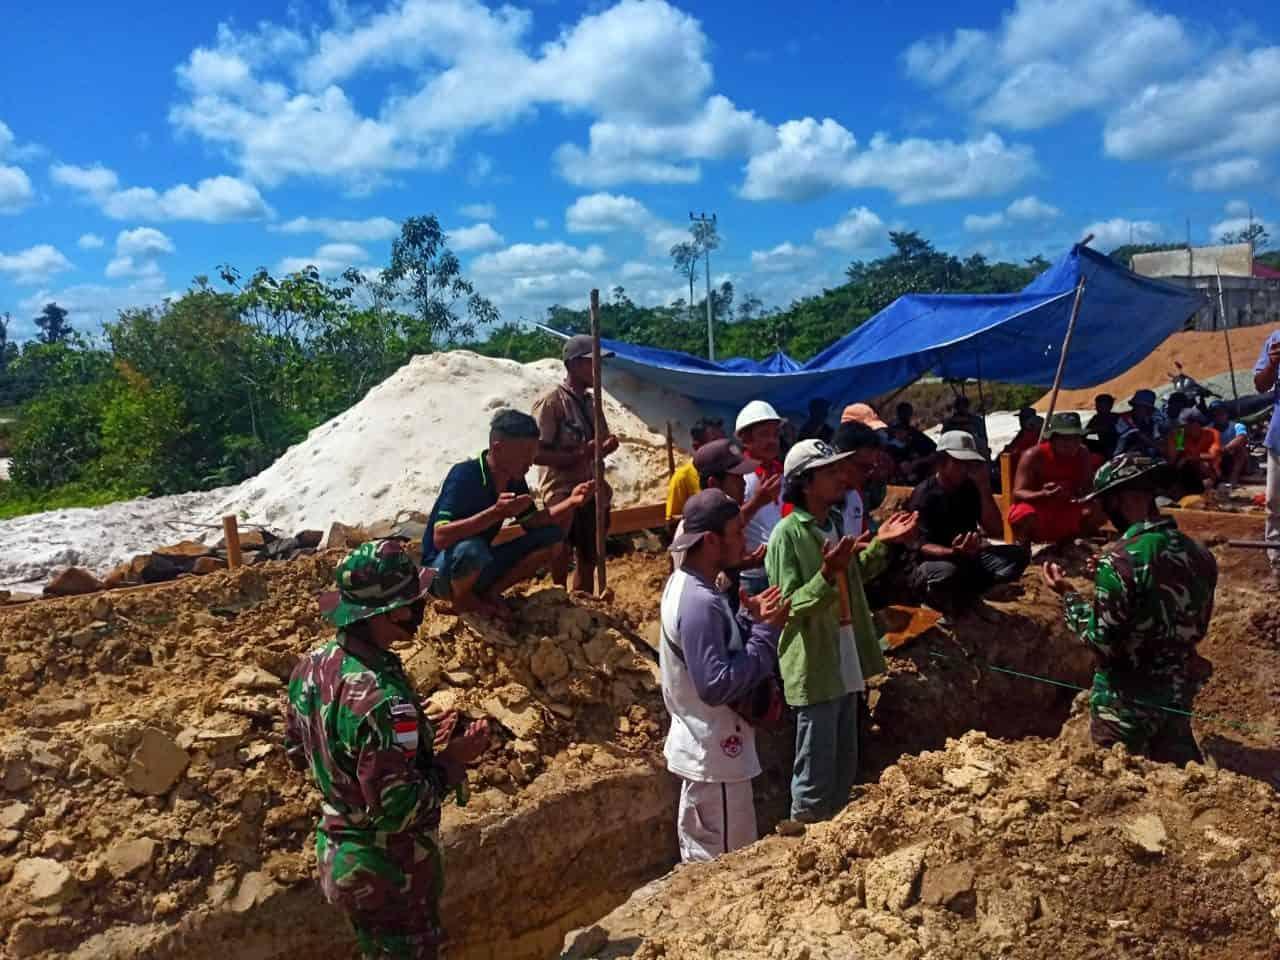 Satgas Pamtas Yonif Mekanis 643/Wns Bantu Bangun Masjid Di Perbatasan RI – Malaysia.